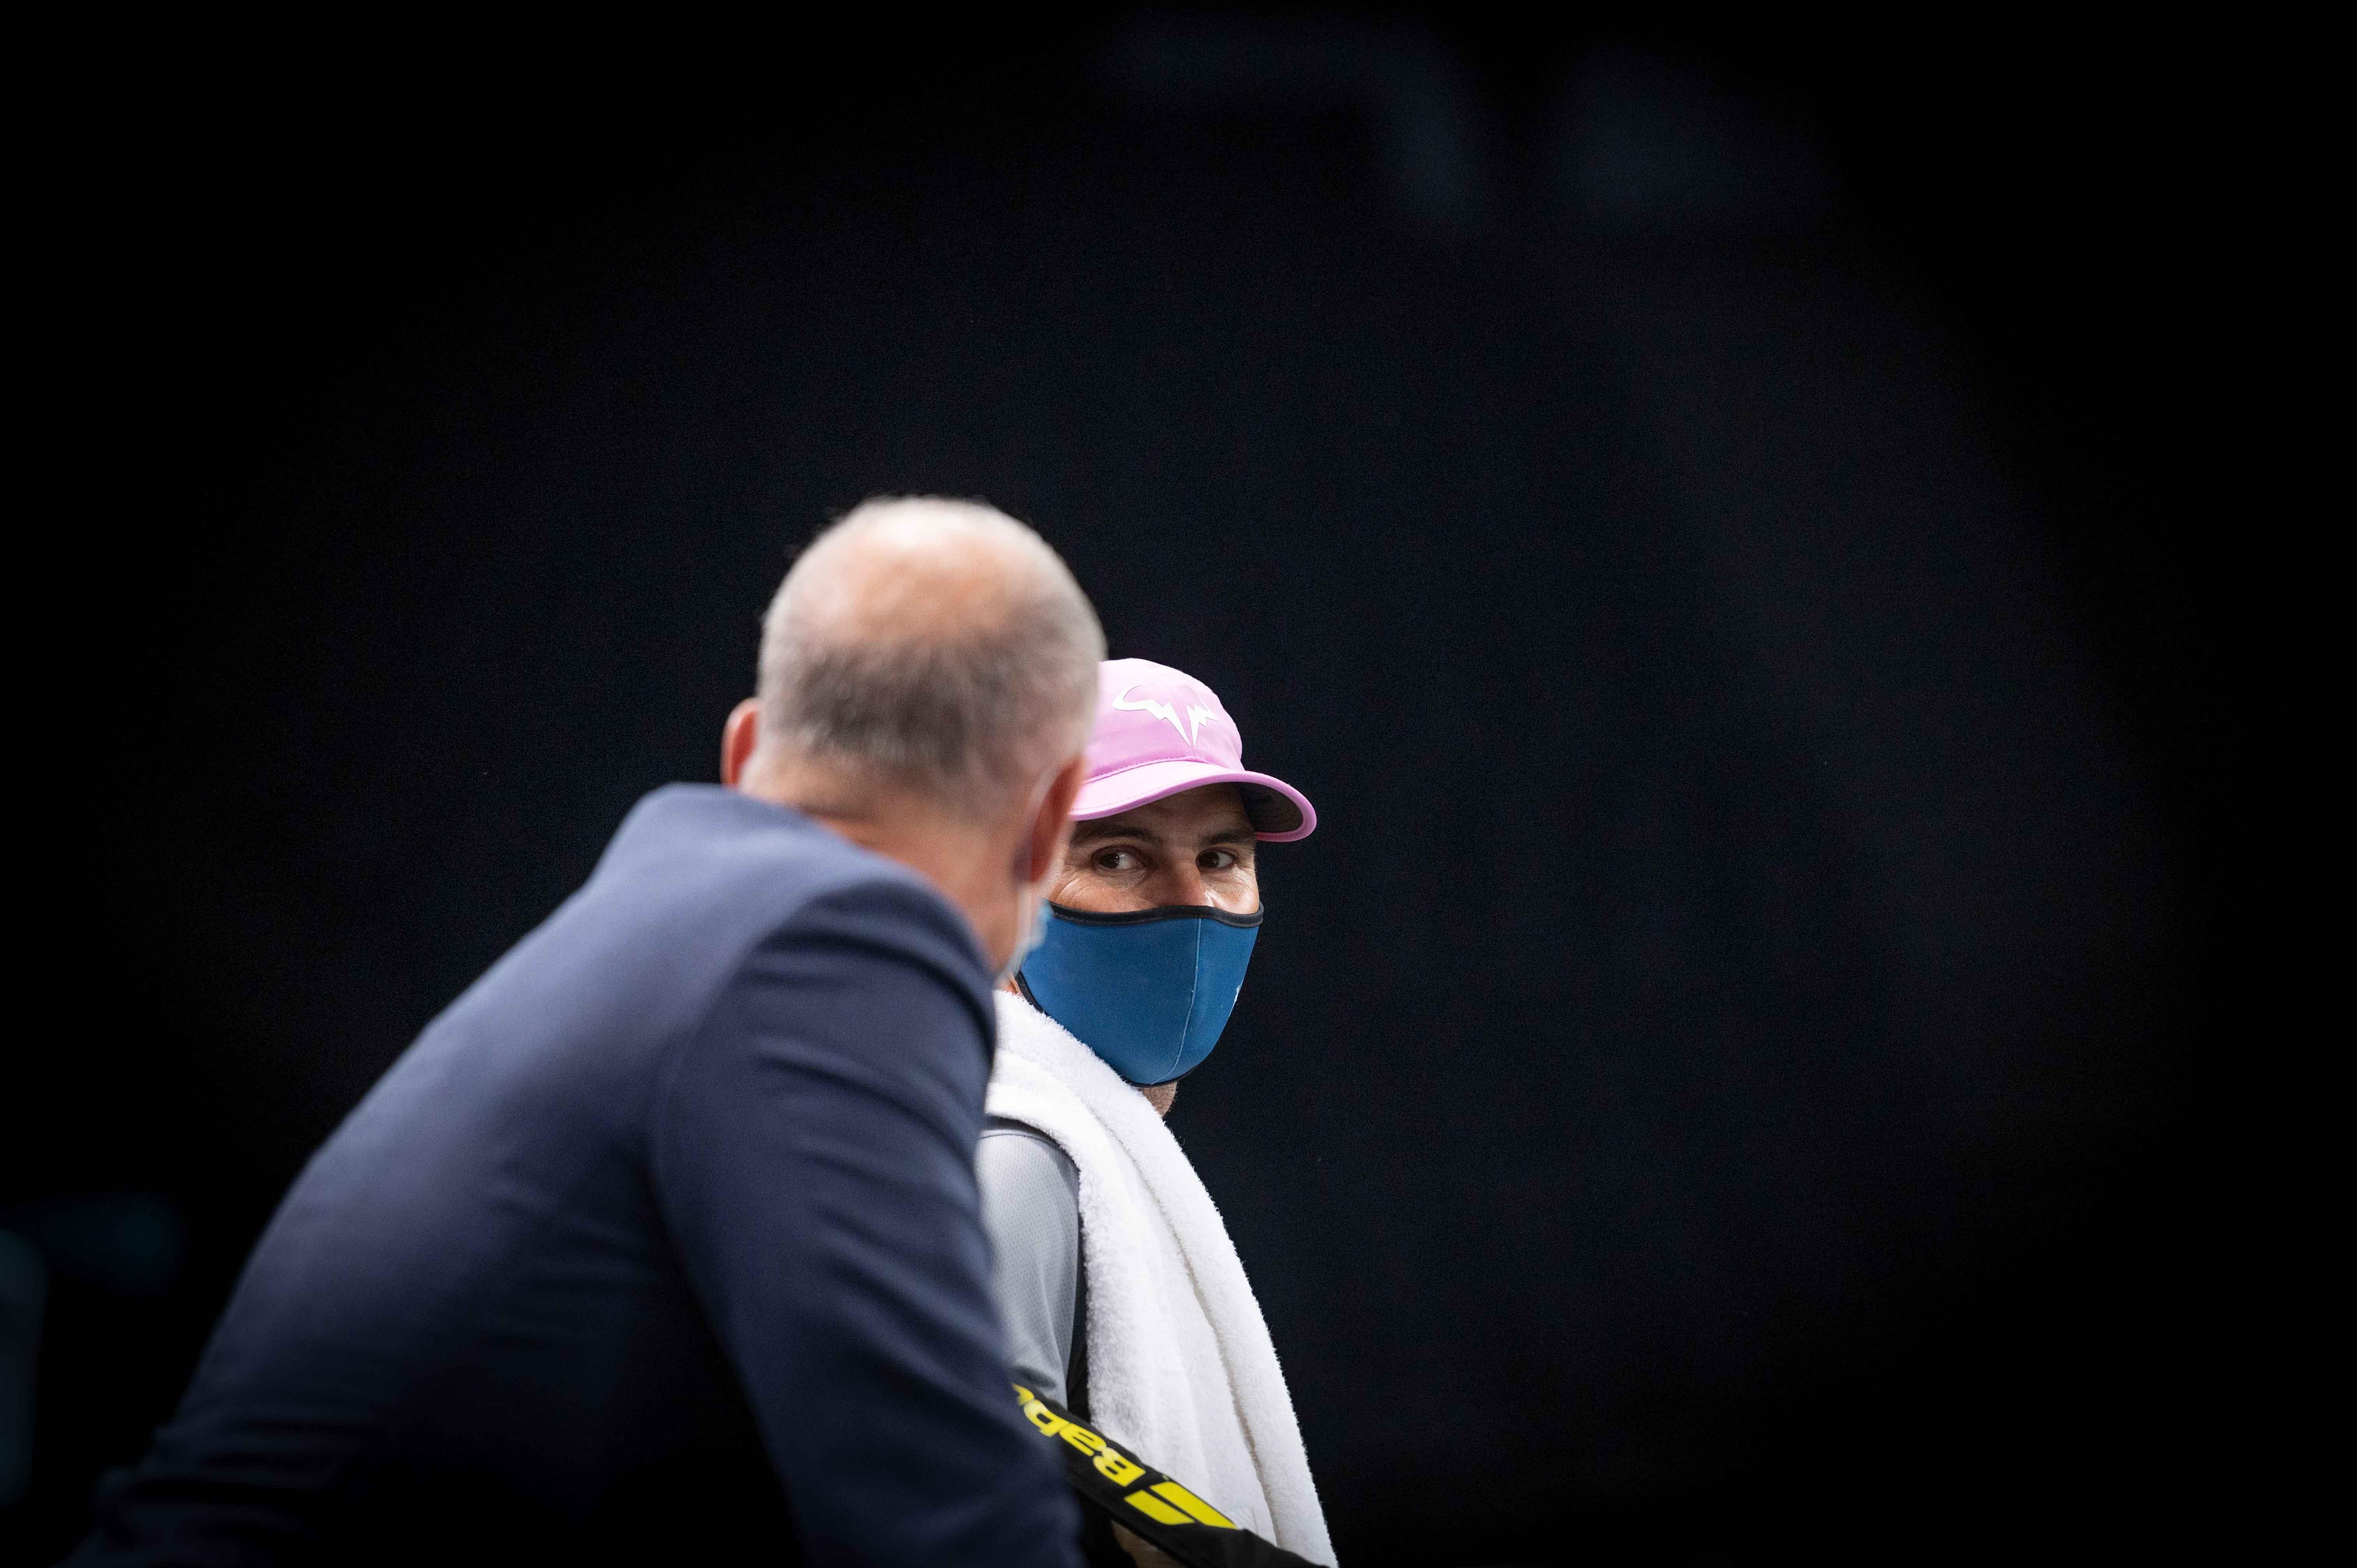 Rafael Nadal sourit derrière son masque en pleine discussion avec Guy Forget au Rolex Paris Masters 2020.